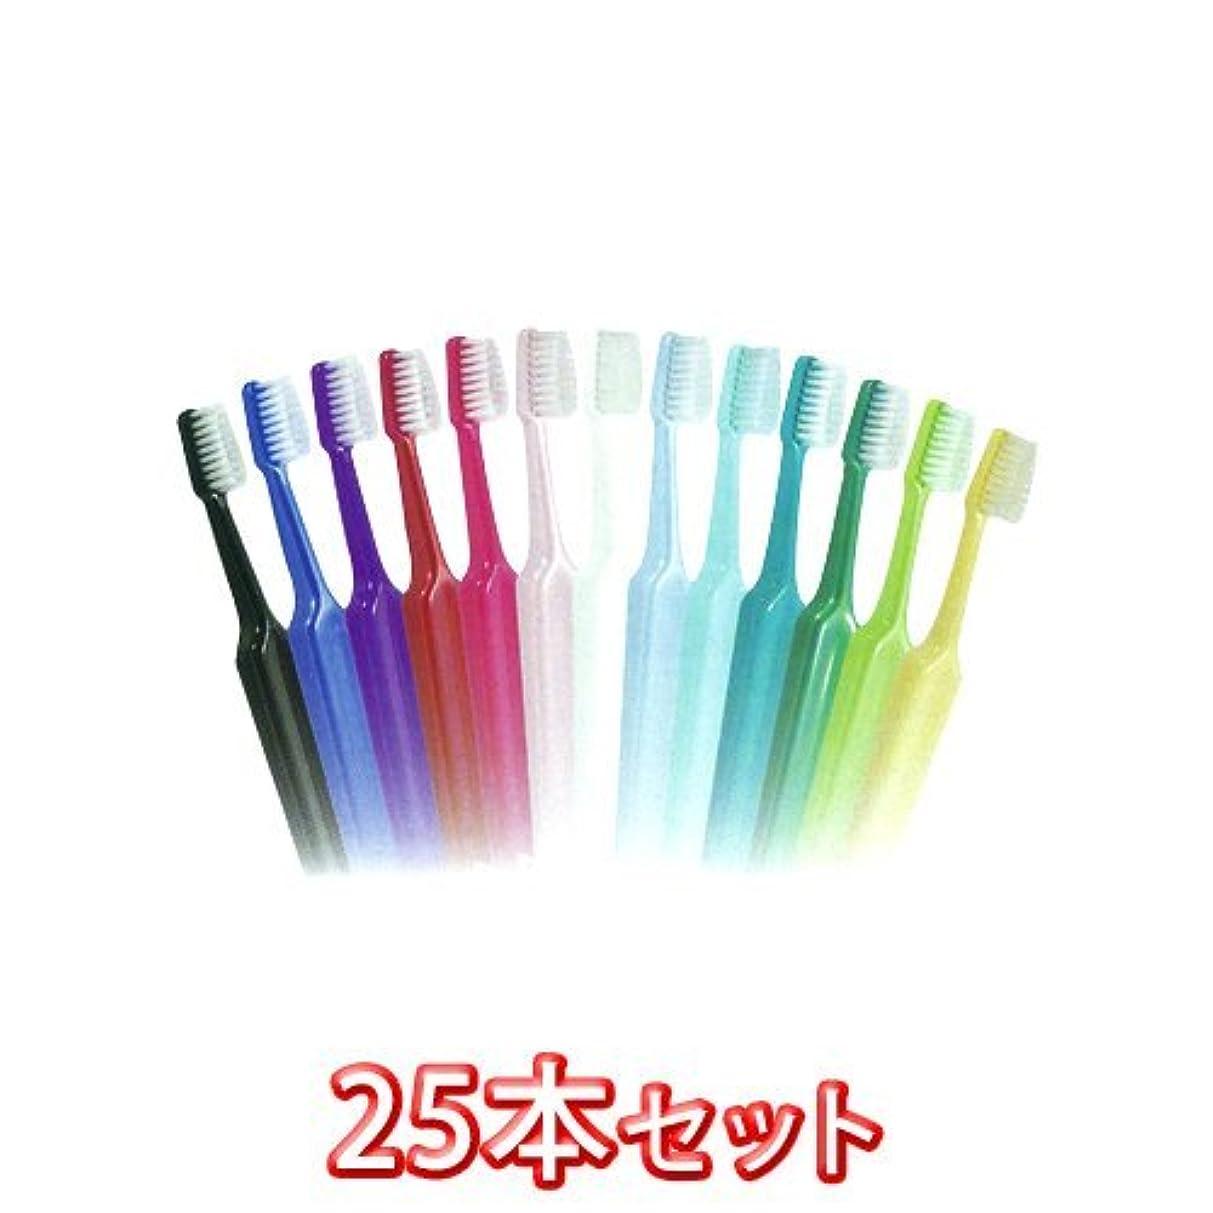 コジオスコスペクトラムくぼみTePe セレクトソフト 歯ブラシ 25本入